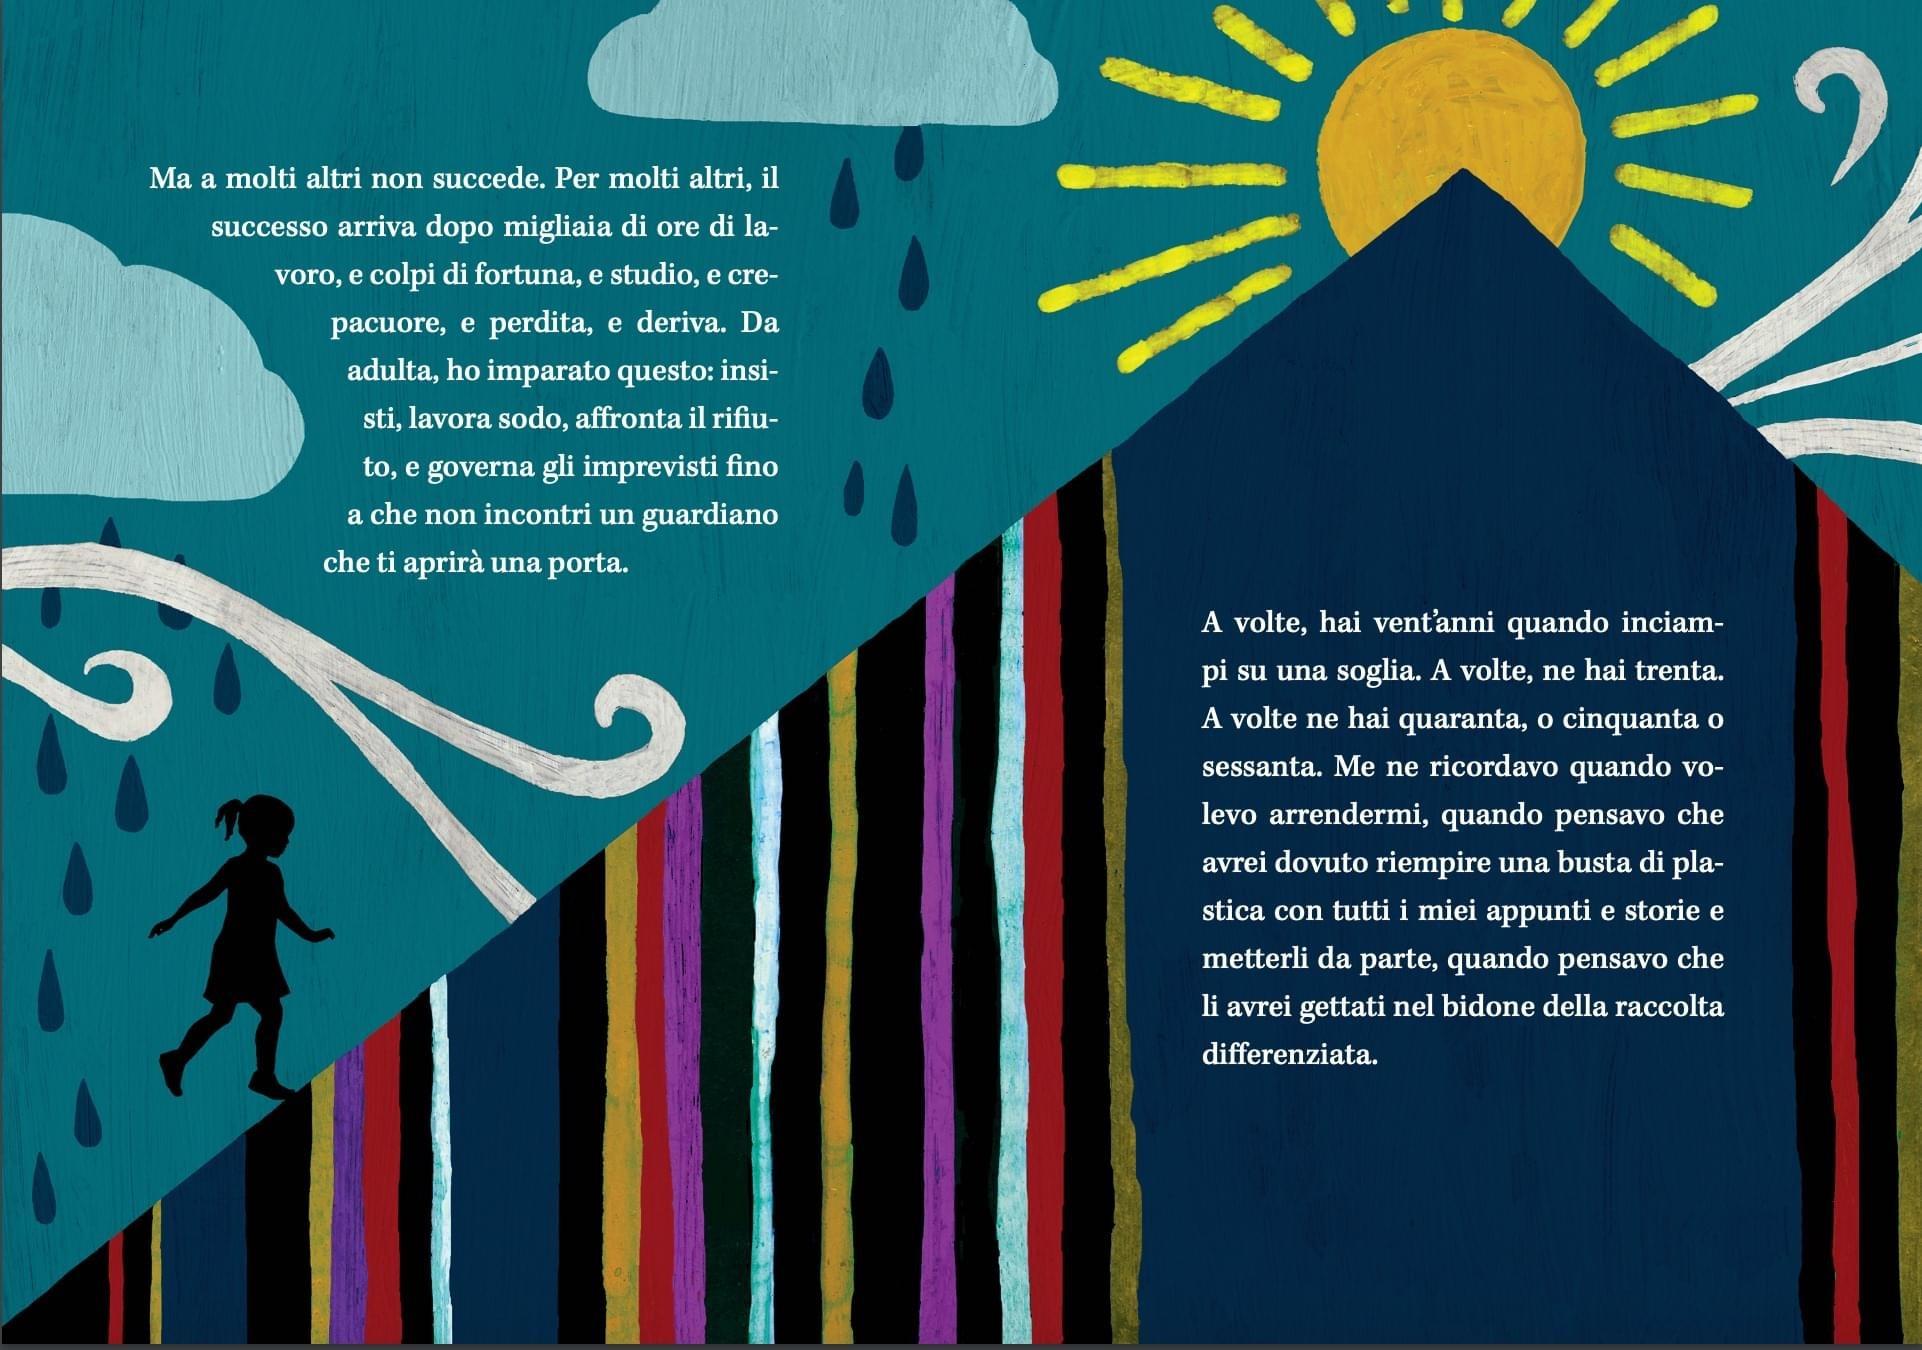 Naviga le tue stelle Jesmyn Ward Illustrazioni di Gina Triplett NN Editore letturedikatja.com